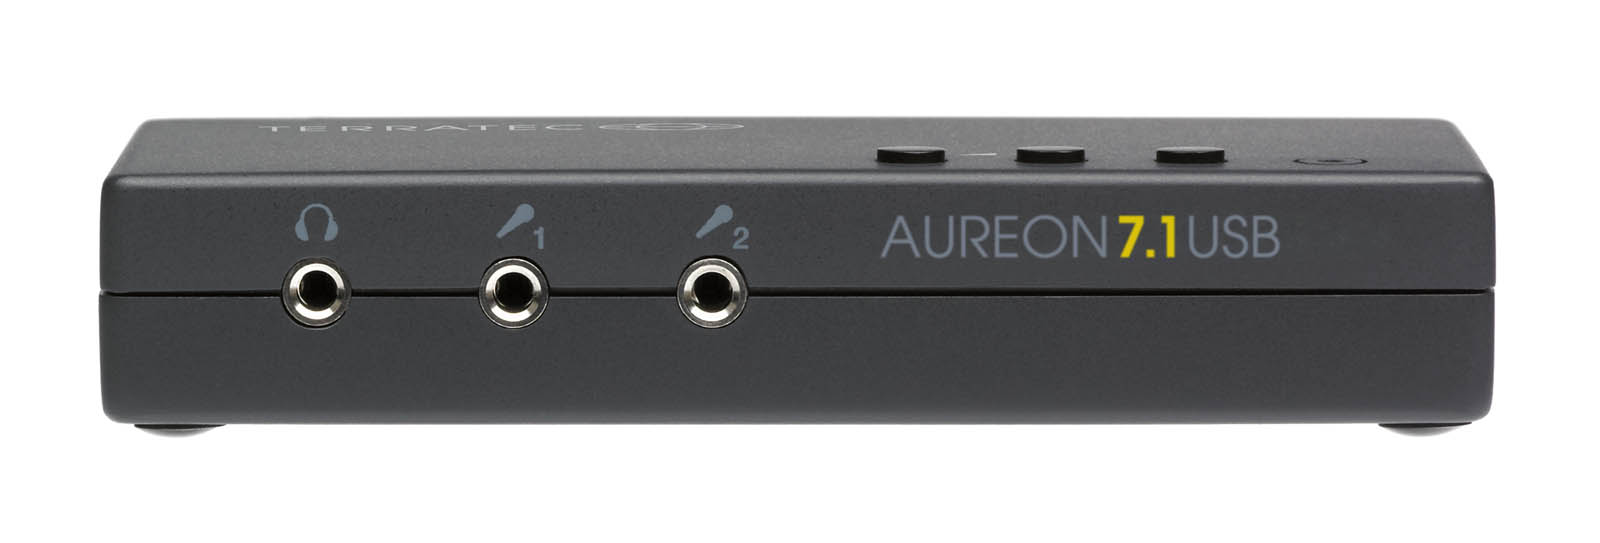 Carte son externe USB Terratec Aureon 7.1 ,Informatique Réunion 974